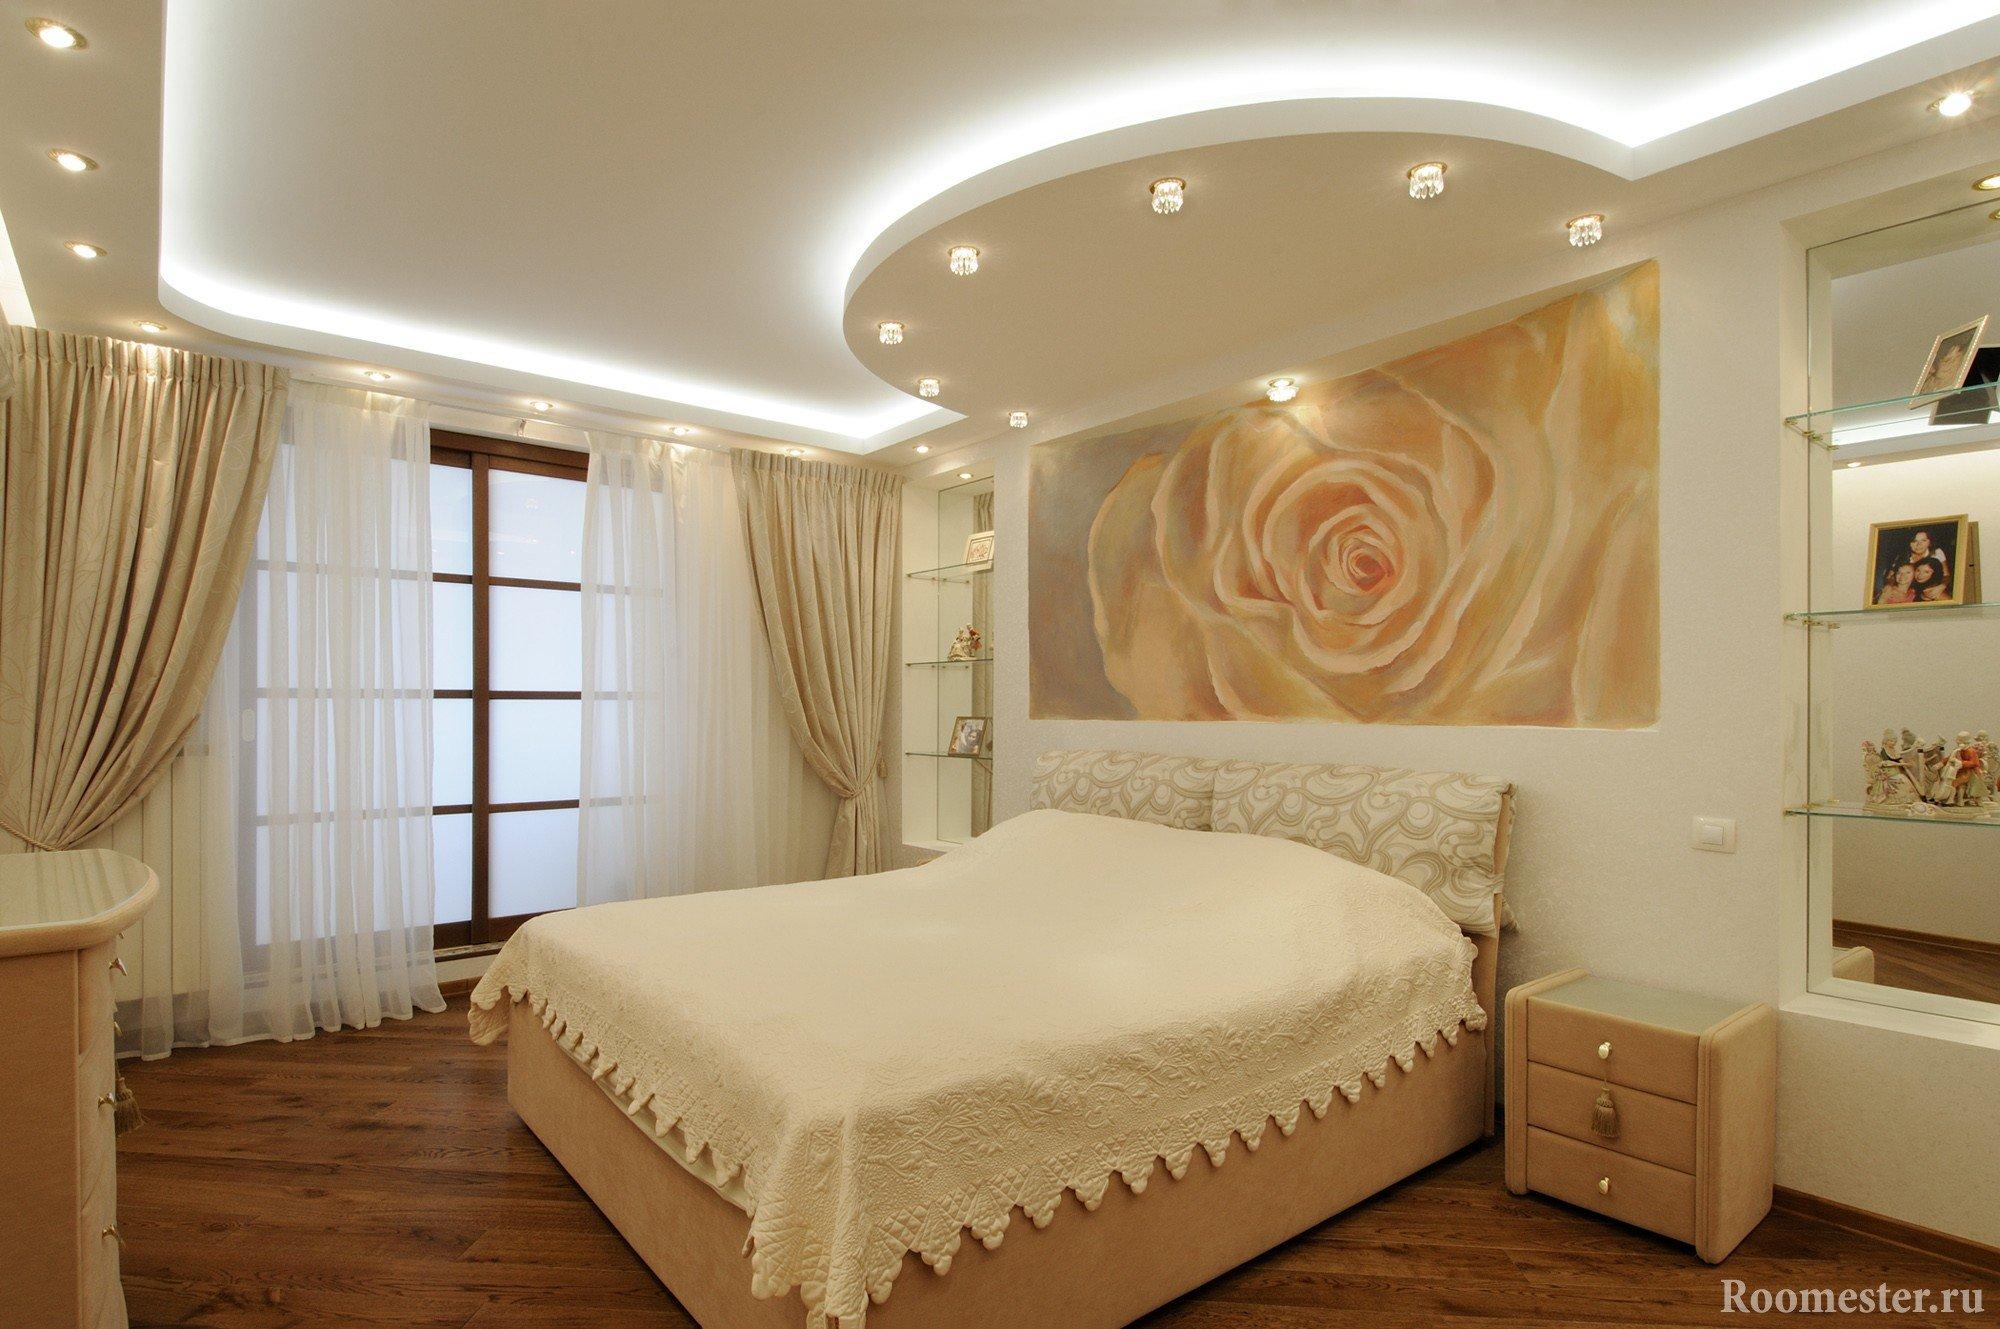 Гипсокартонные потолки в два уровня с подсветкой